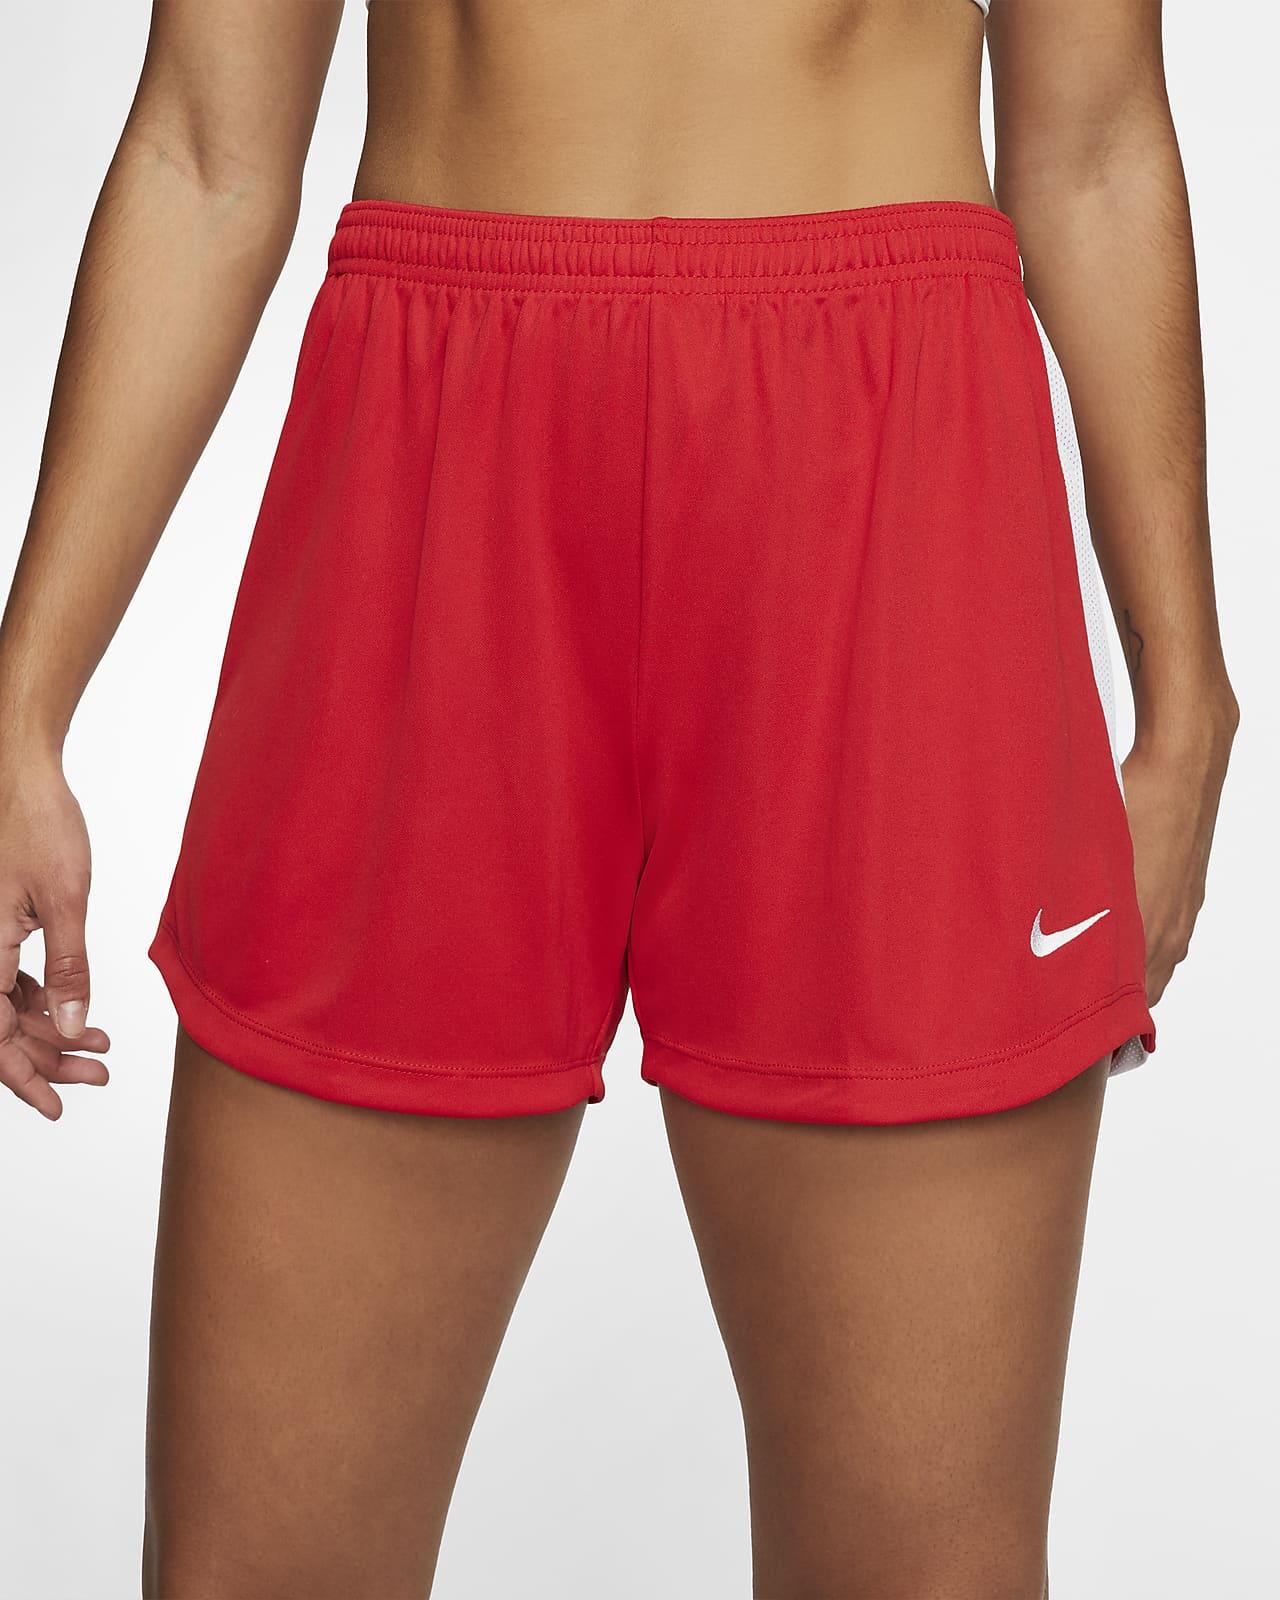 Nike Dri Fit Classic Women S Knit Soccer Shorts Nike Com 4.6 out of 5 stars 108. nike dri fit classic women s knit soccer shorts